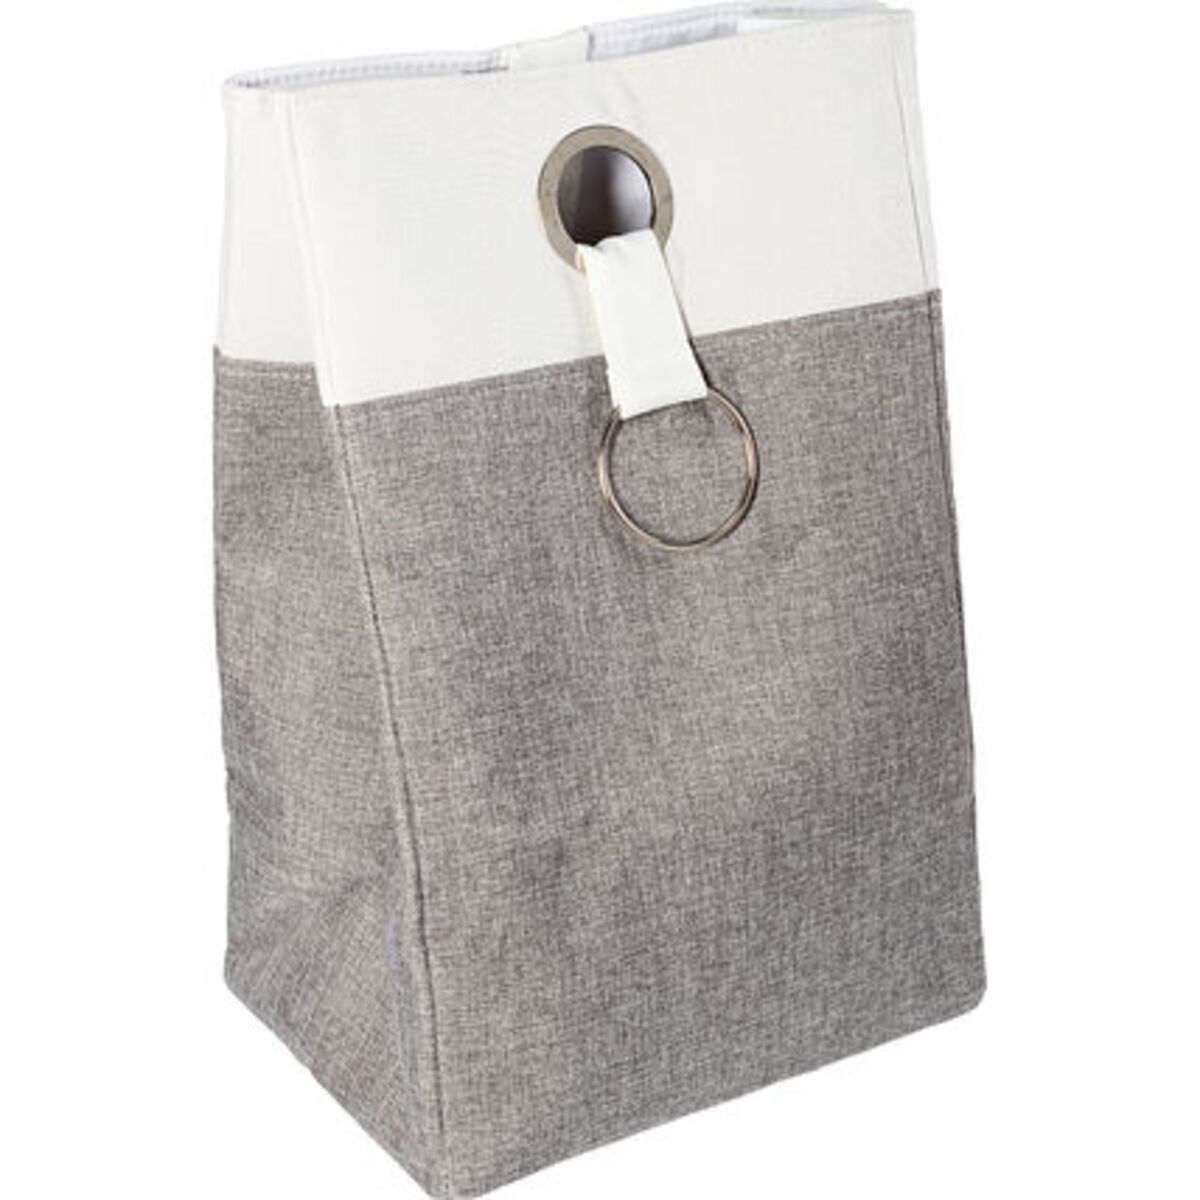 Bild 1 von Yorn Home Wäschebehälter, grau/weiß, grau/weiß